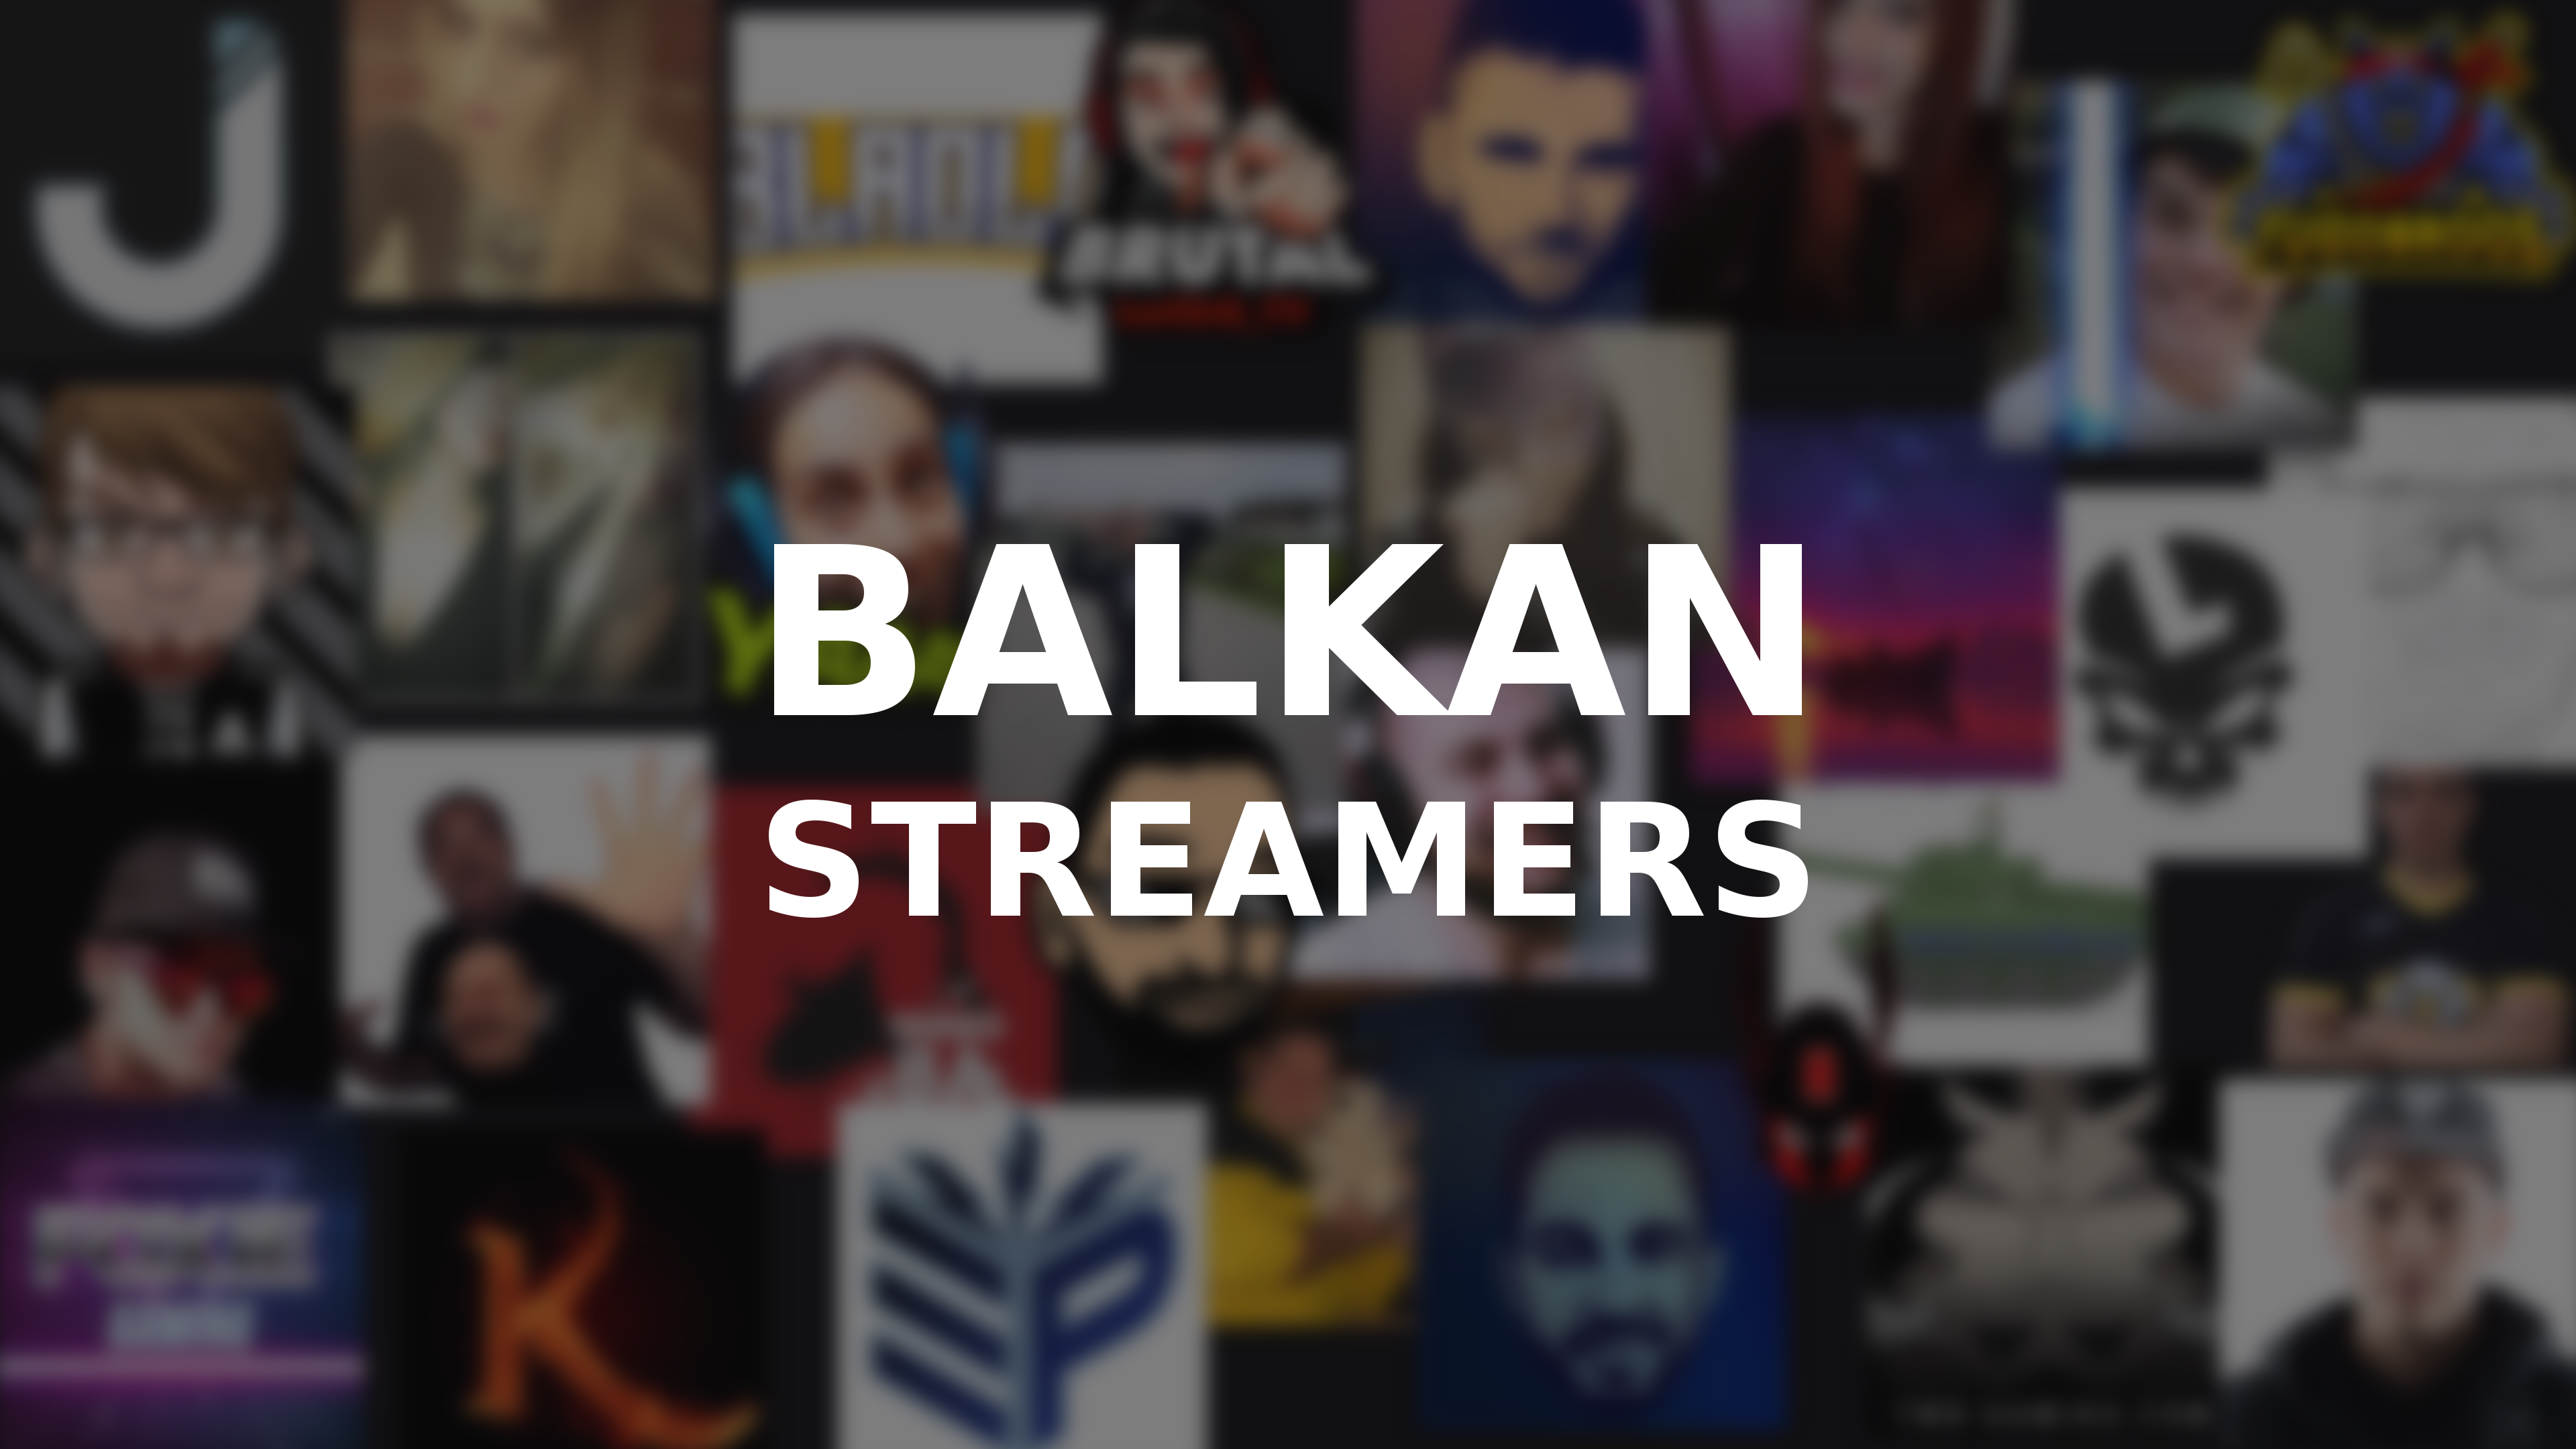 Balkan Streamers